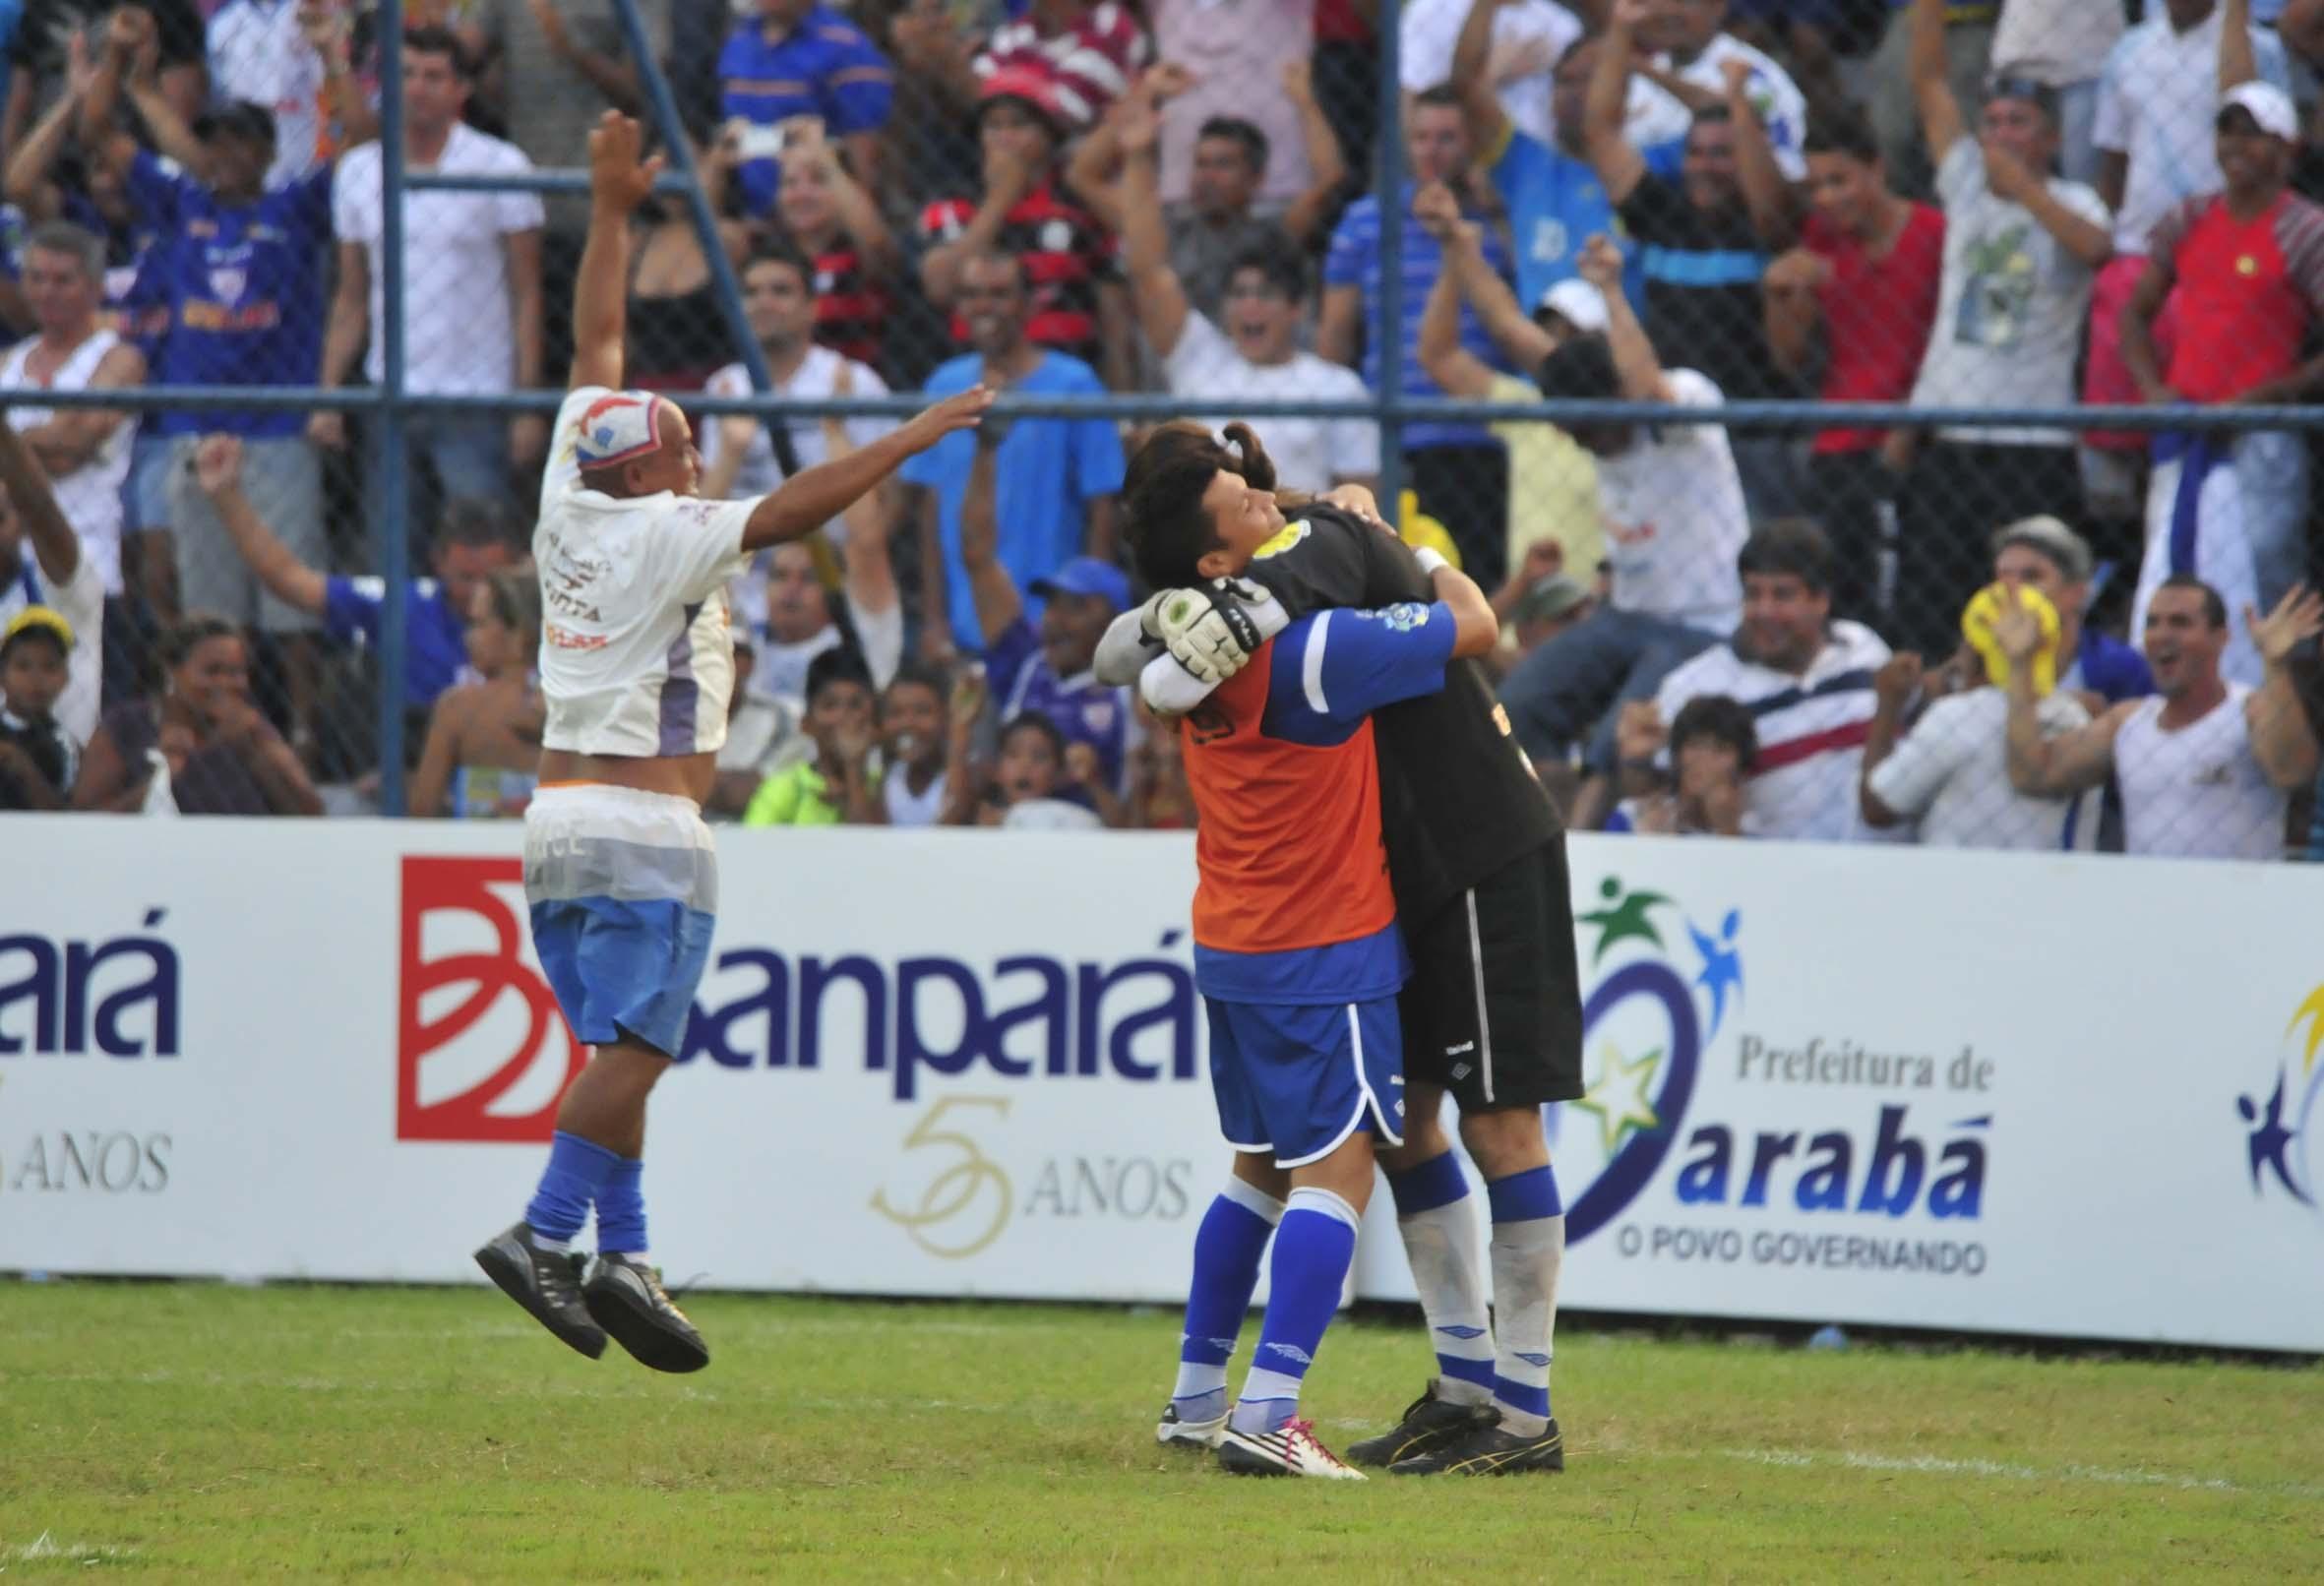 http://blogdogersonnogueira.files.wordpress.com/2012/02/aguiaxremo-confusao-e-prisao-mquadros-461.jpg